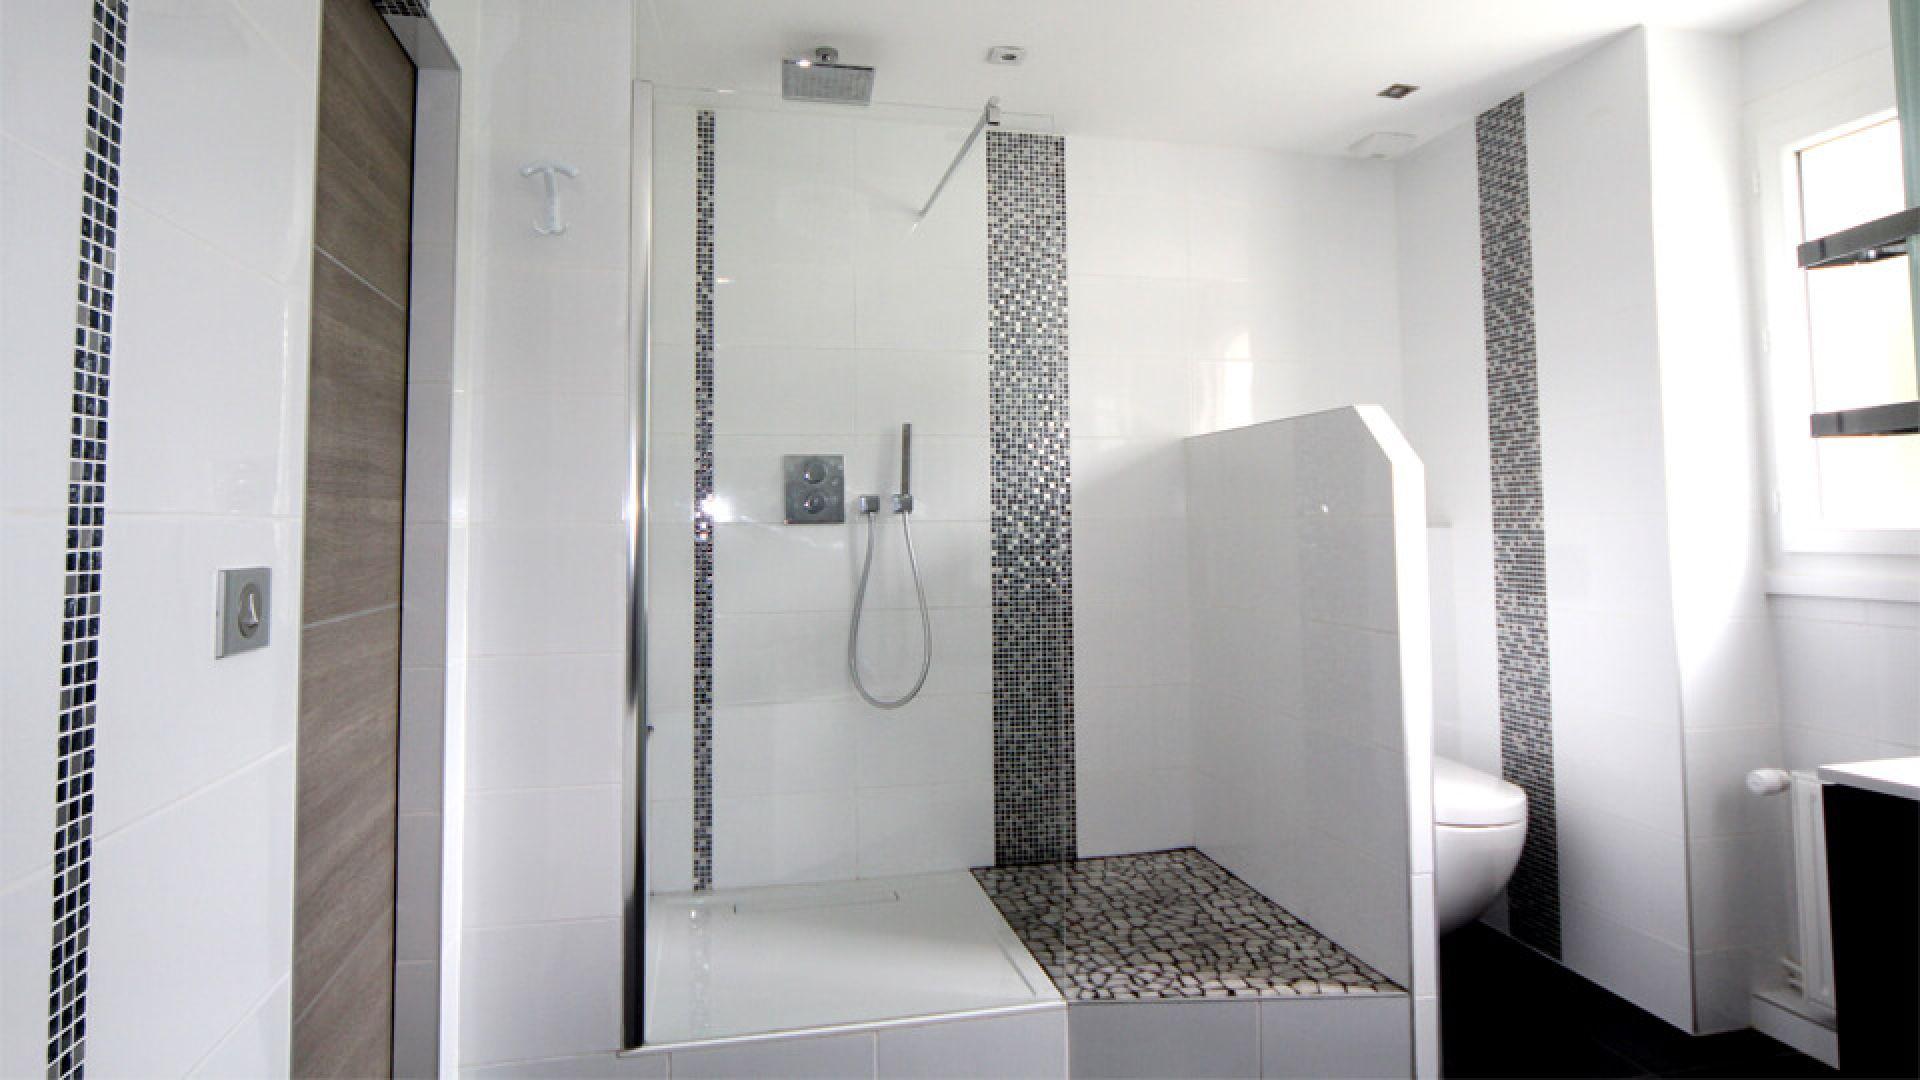 Carrelage Blanc Joint Noir deco salle de bain : avantages du carrelage au sol ou mural